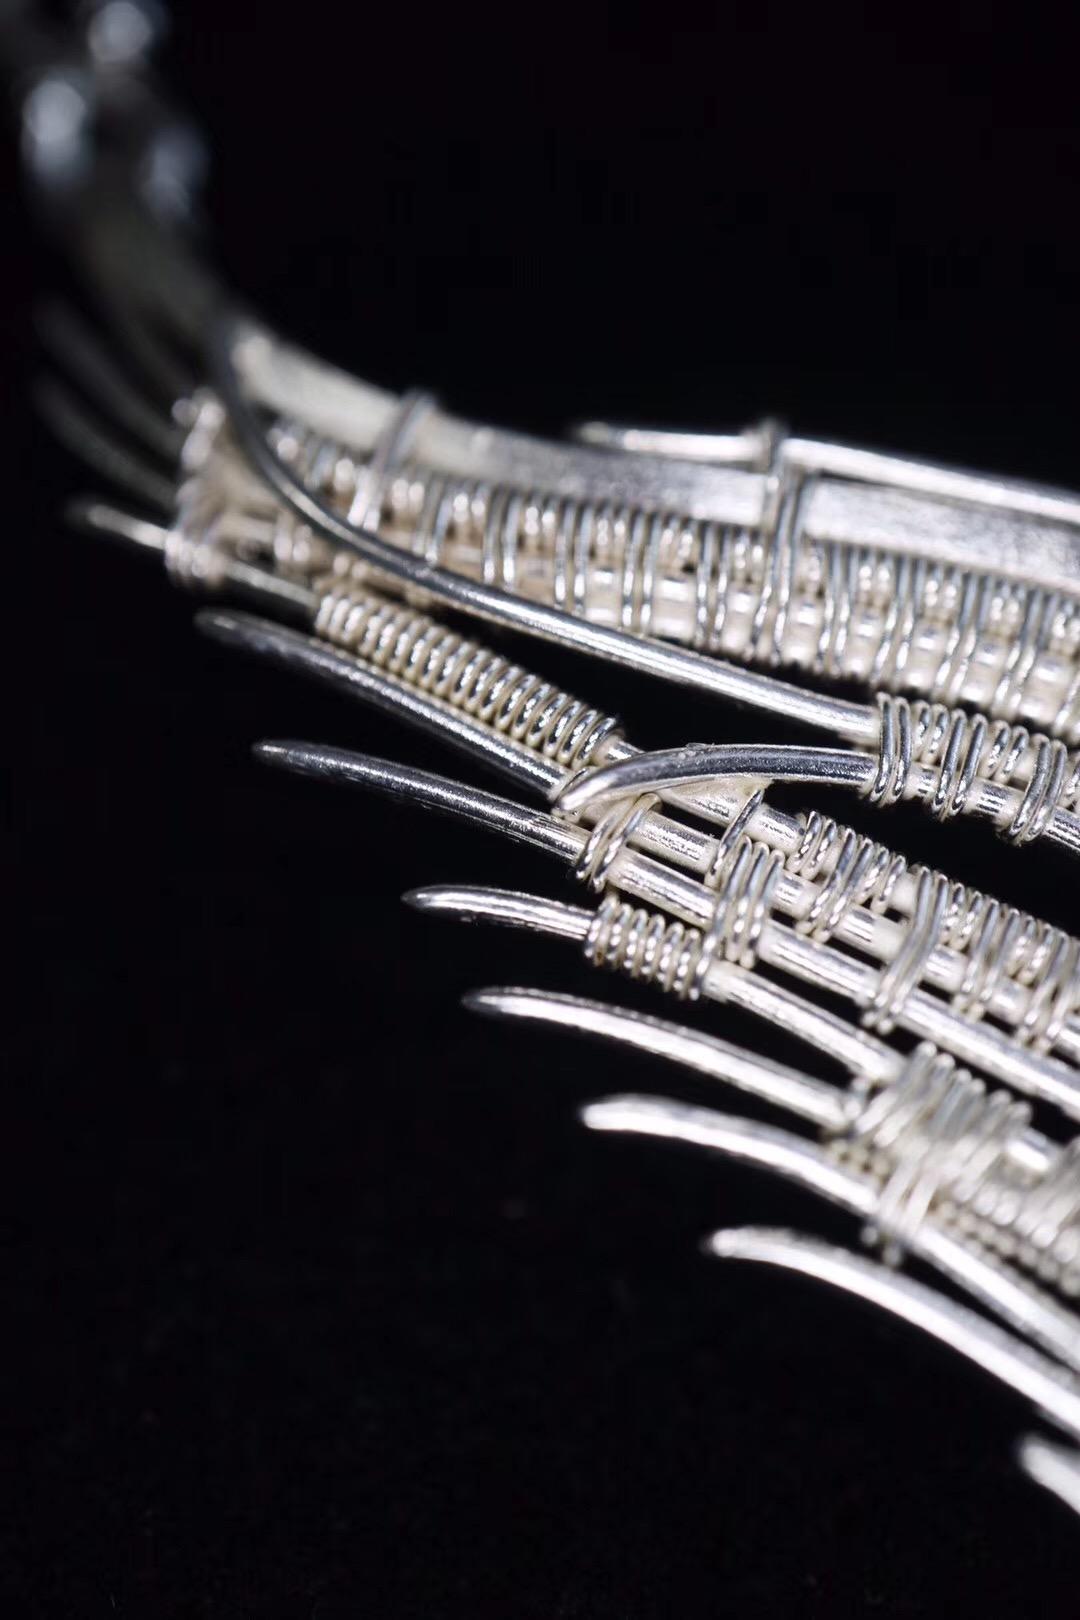 【菩心-钛晶、太阳石】拥有多种佩戴方式的天使之翼☤-菩心晶舍